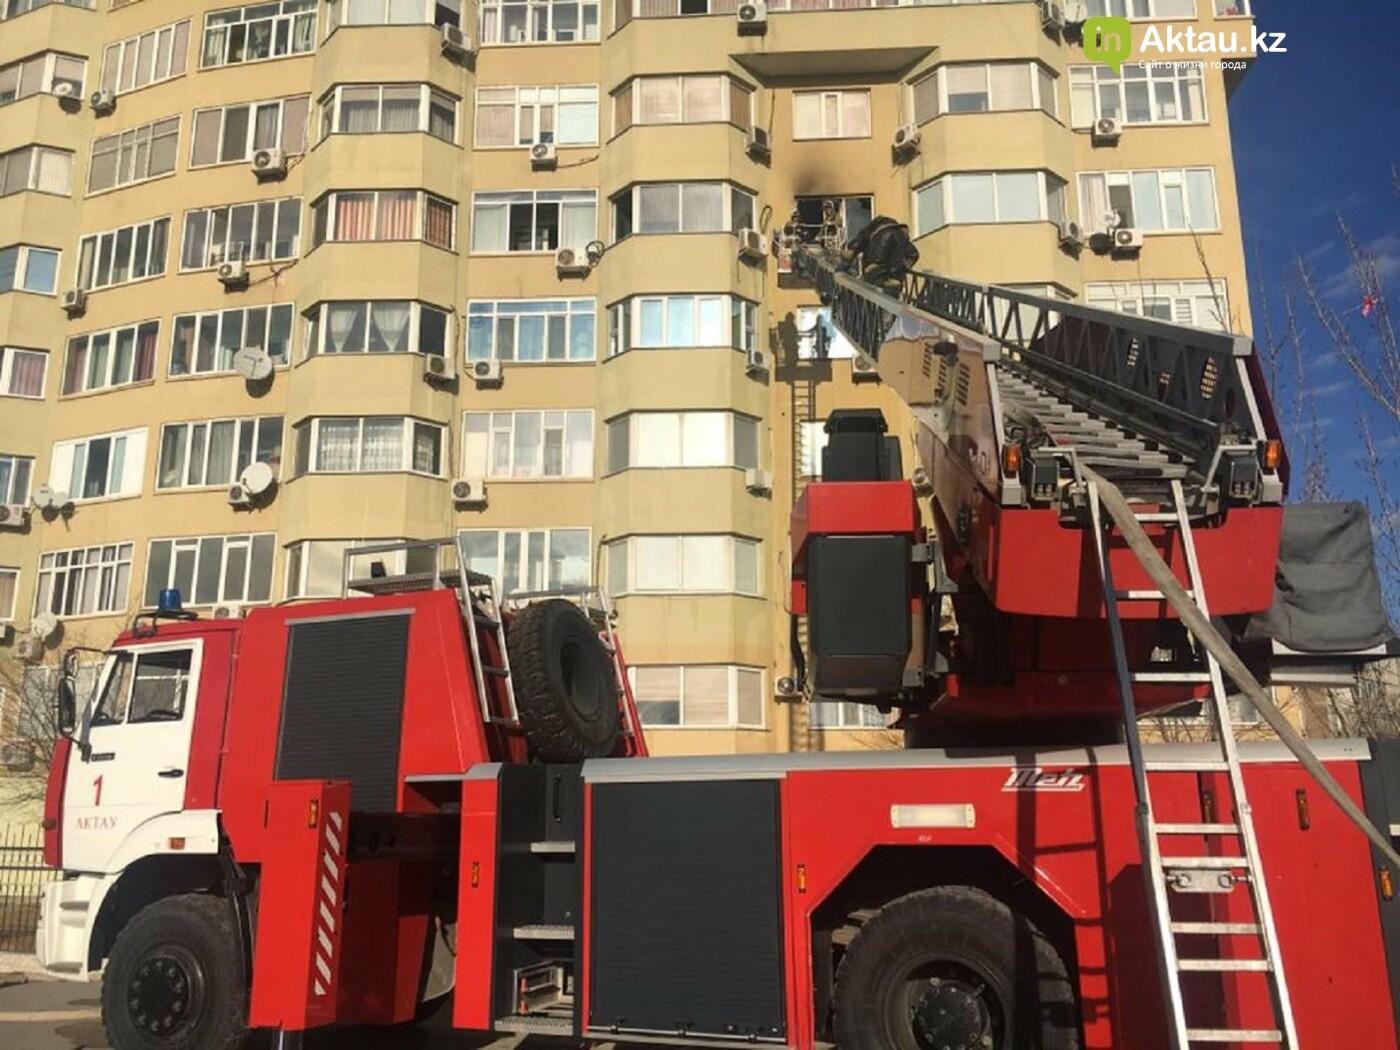 В 13 микрорайоне из-за пожара в квартире эвакуировали 50 жильцов дома, фото-1